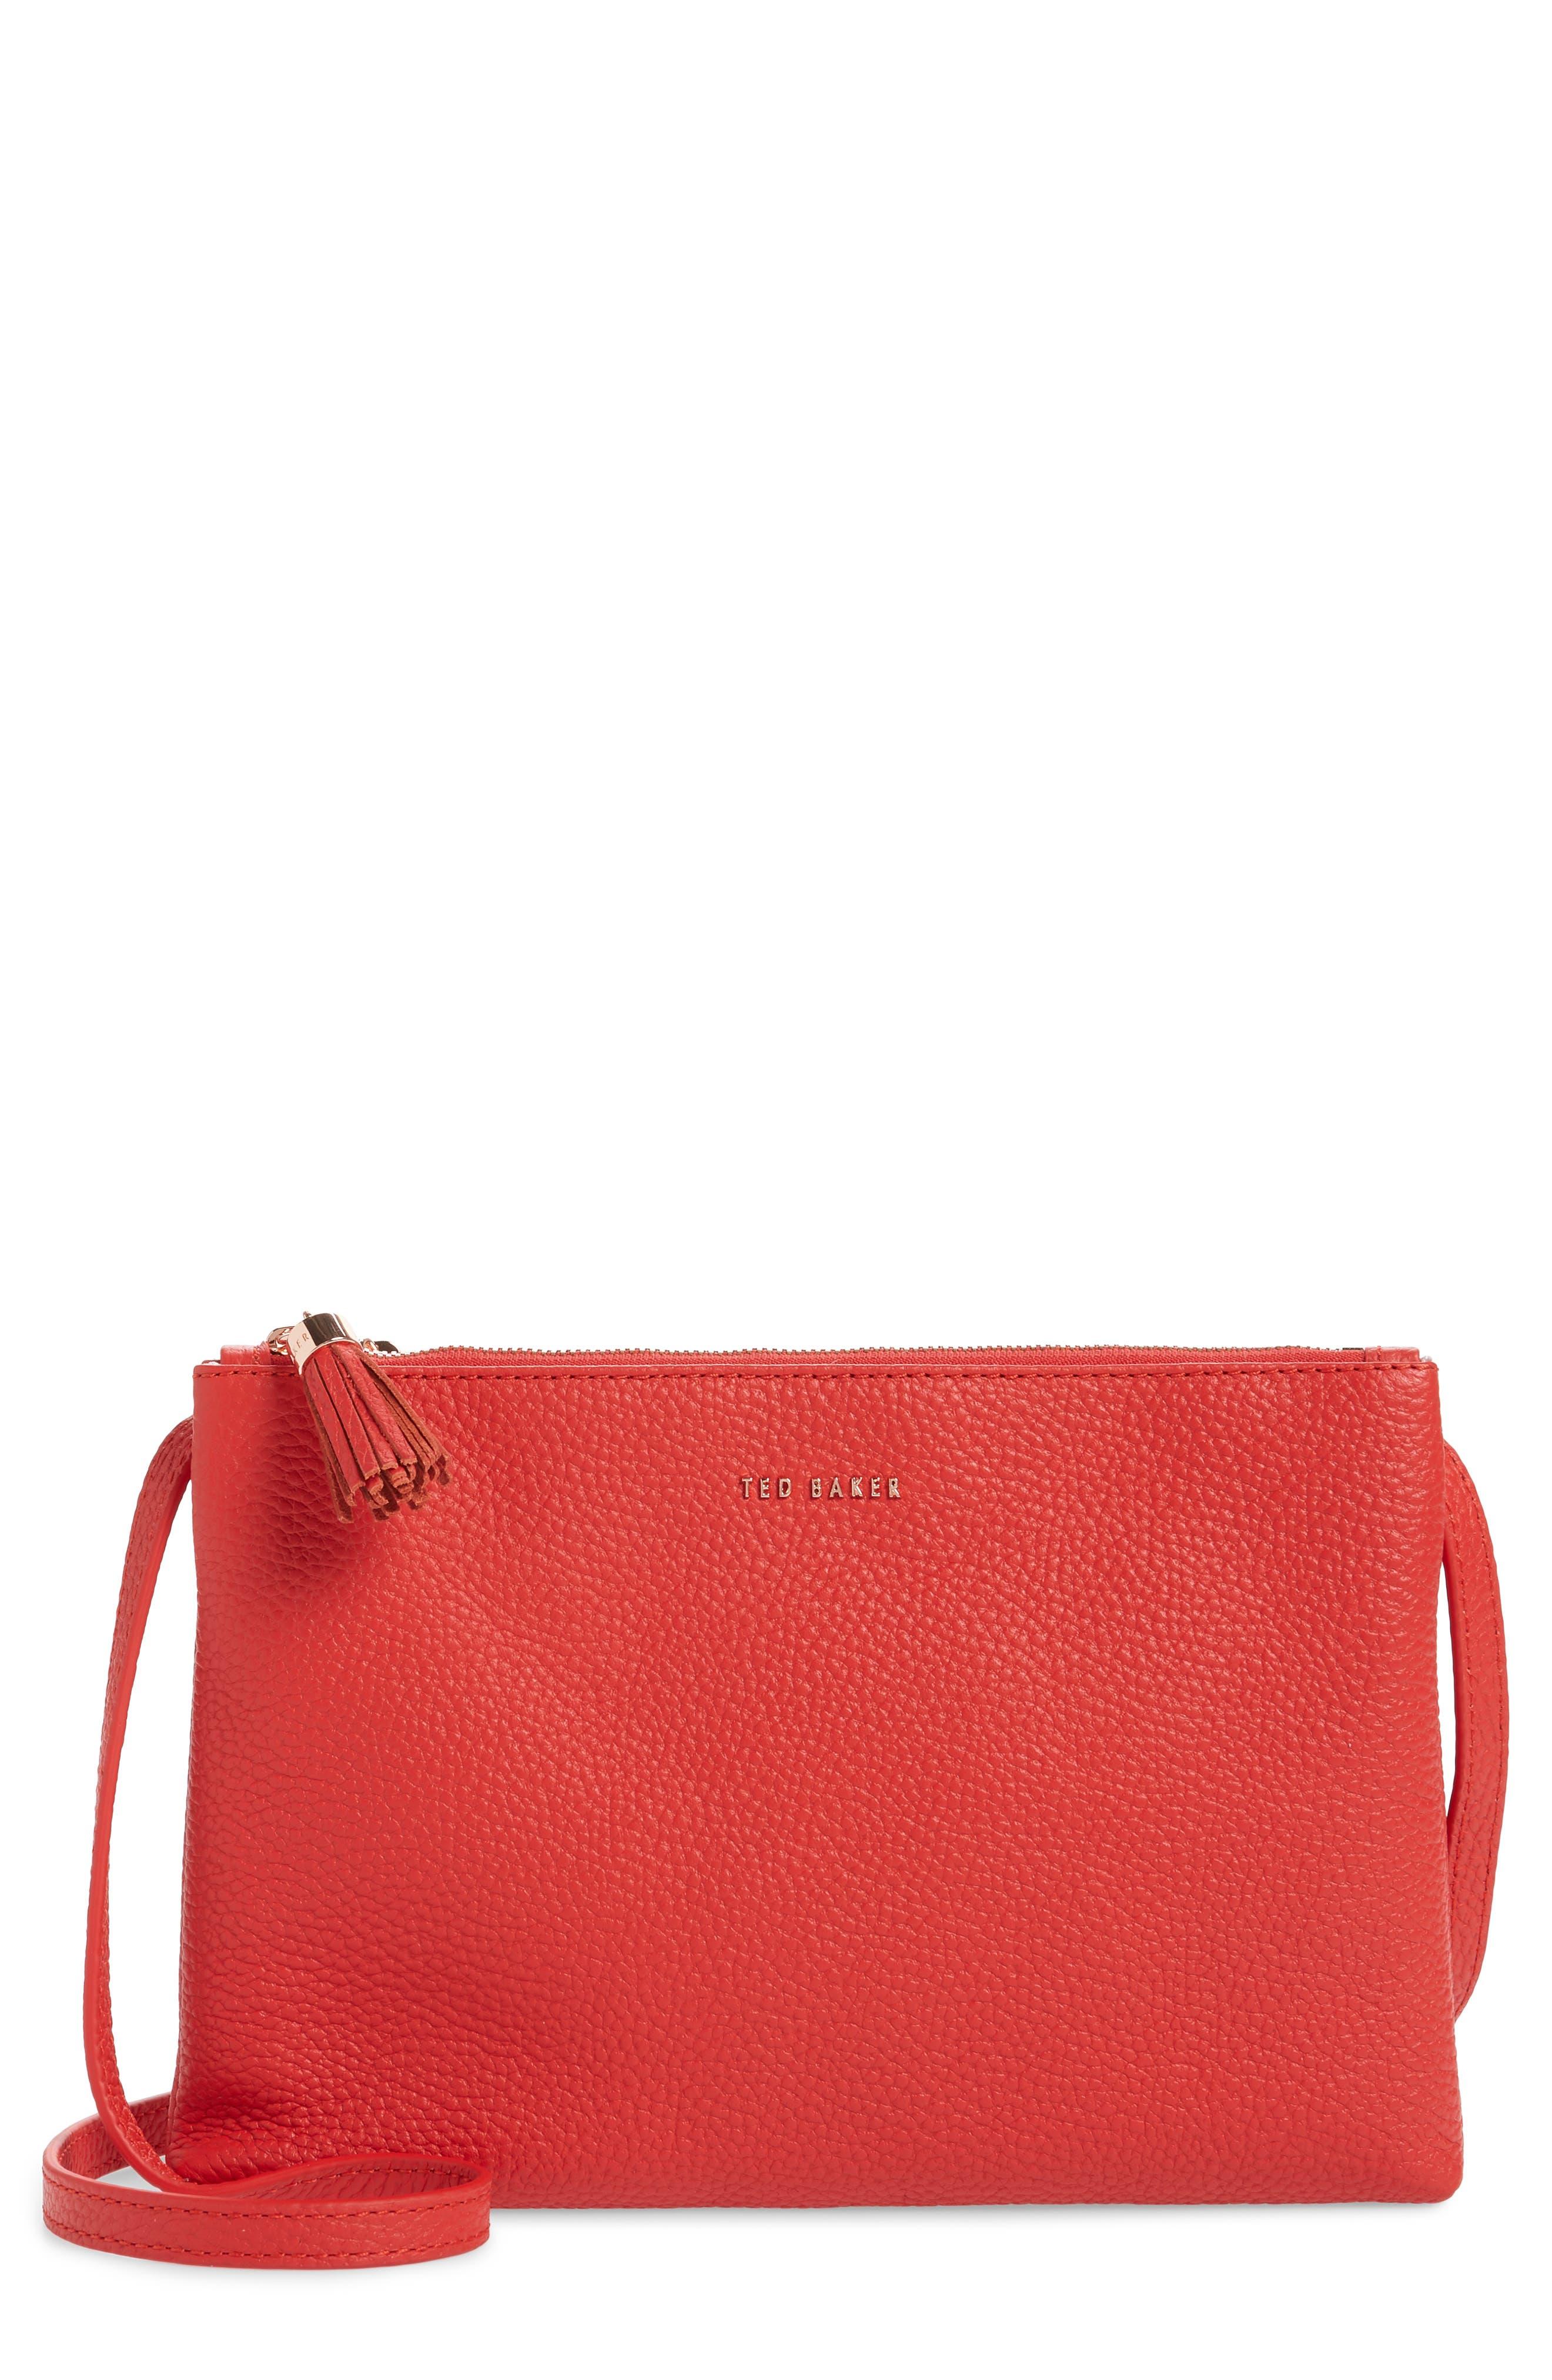 c7f2fafa9 ted baker london handbags